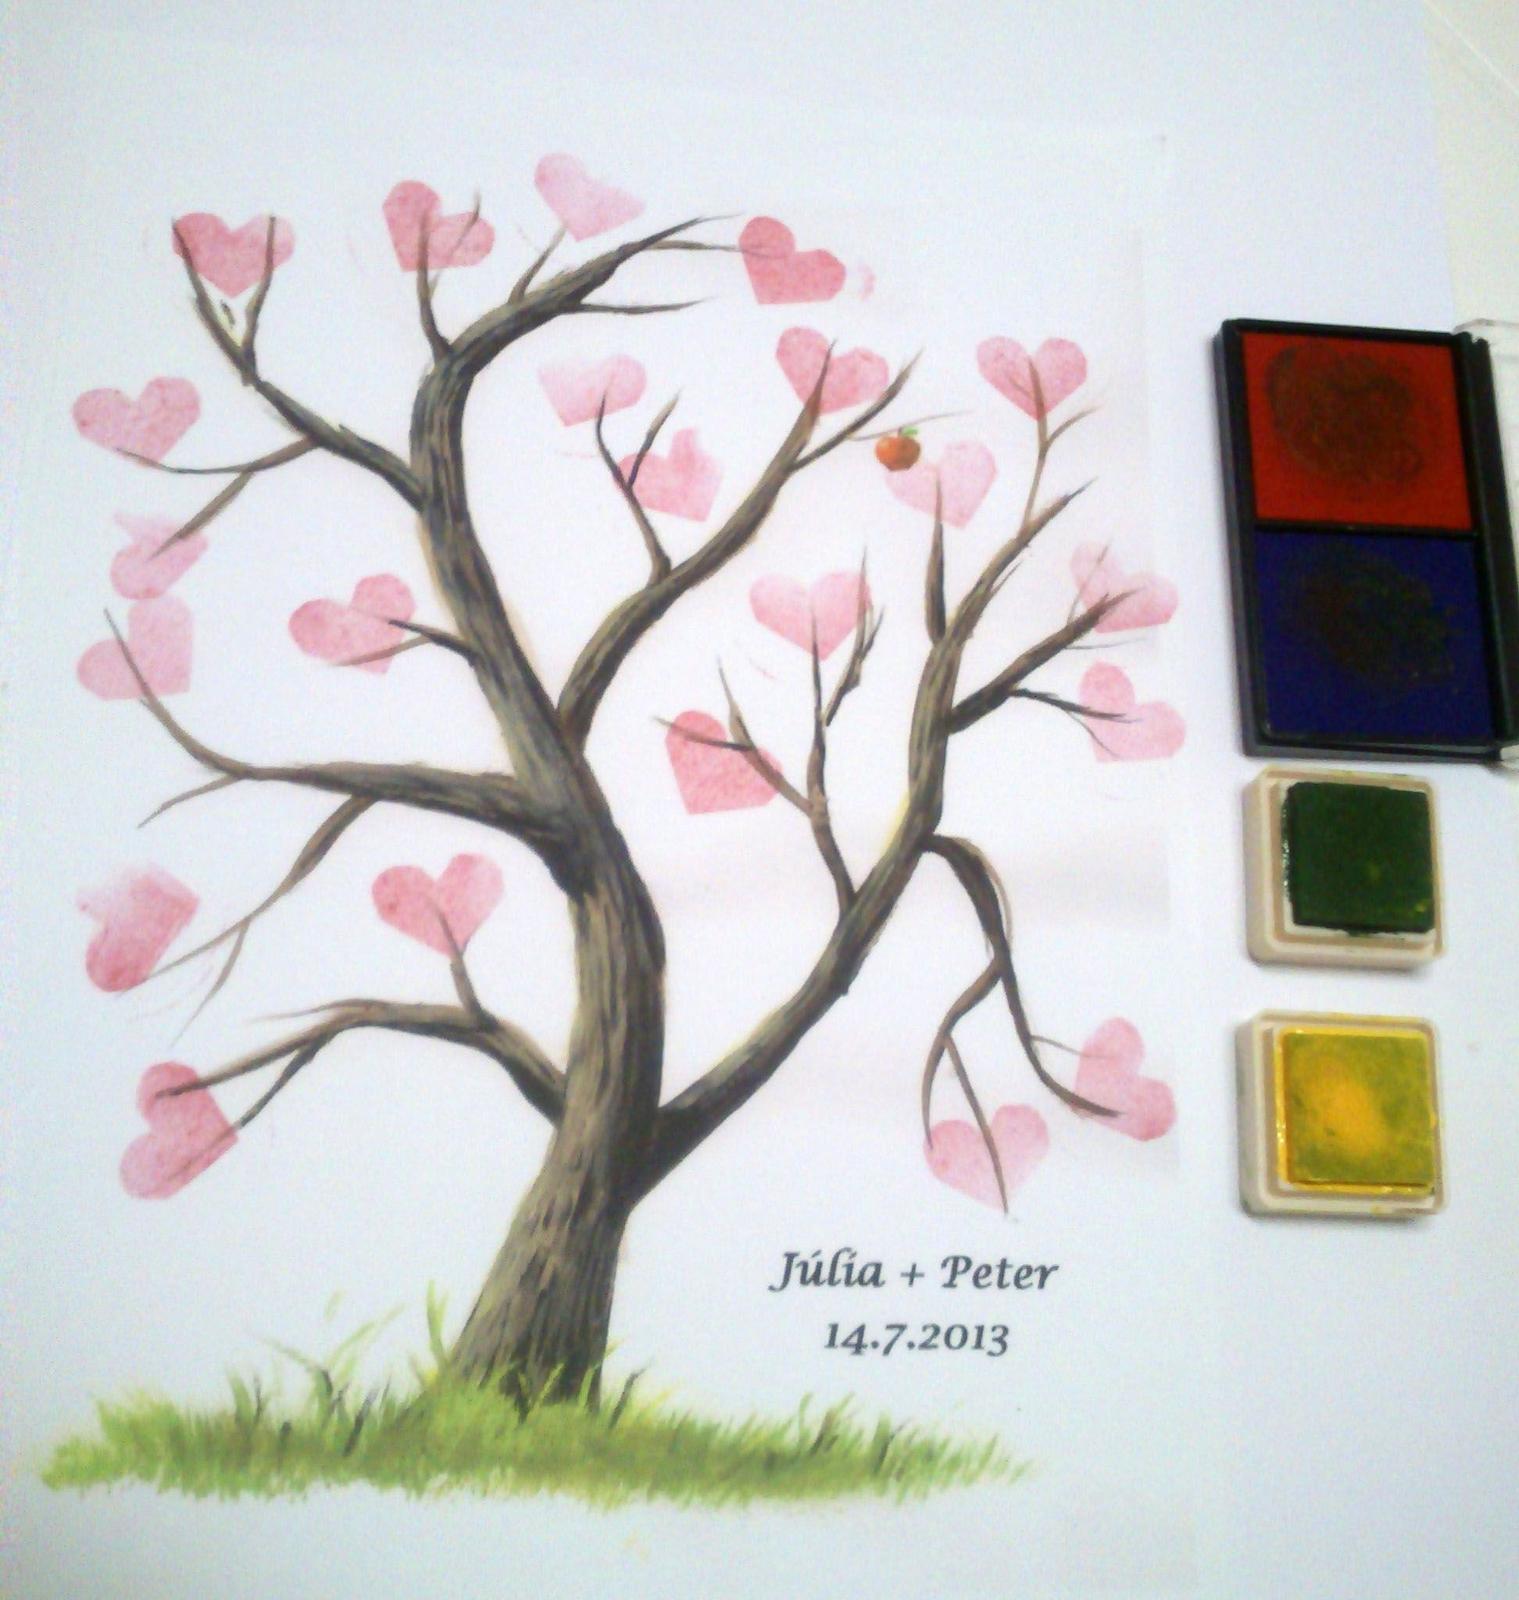 svadobny strom priania - Obrázok č. 4